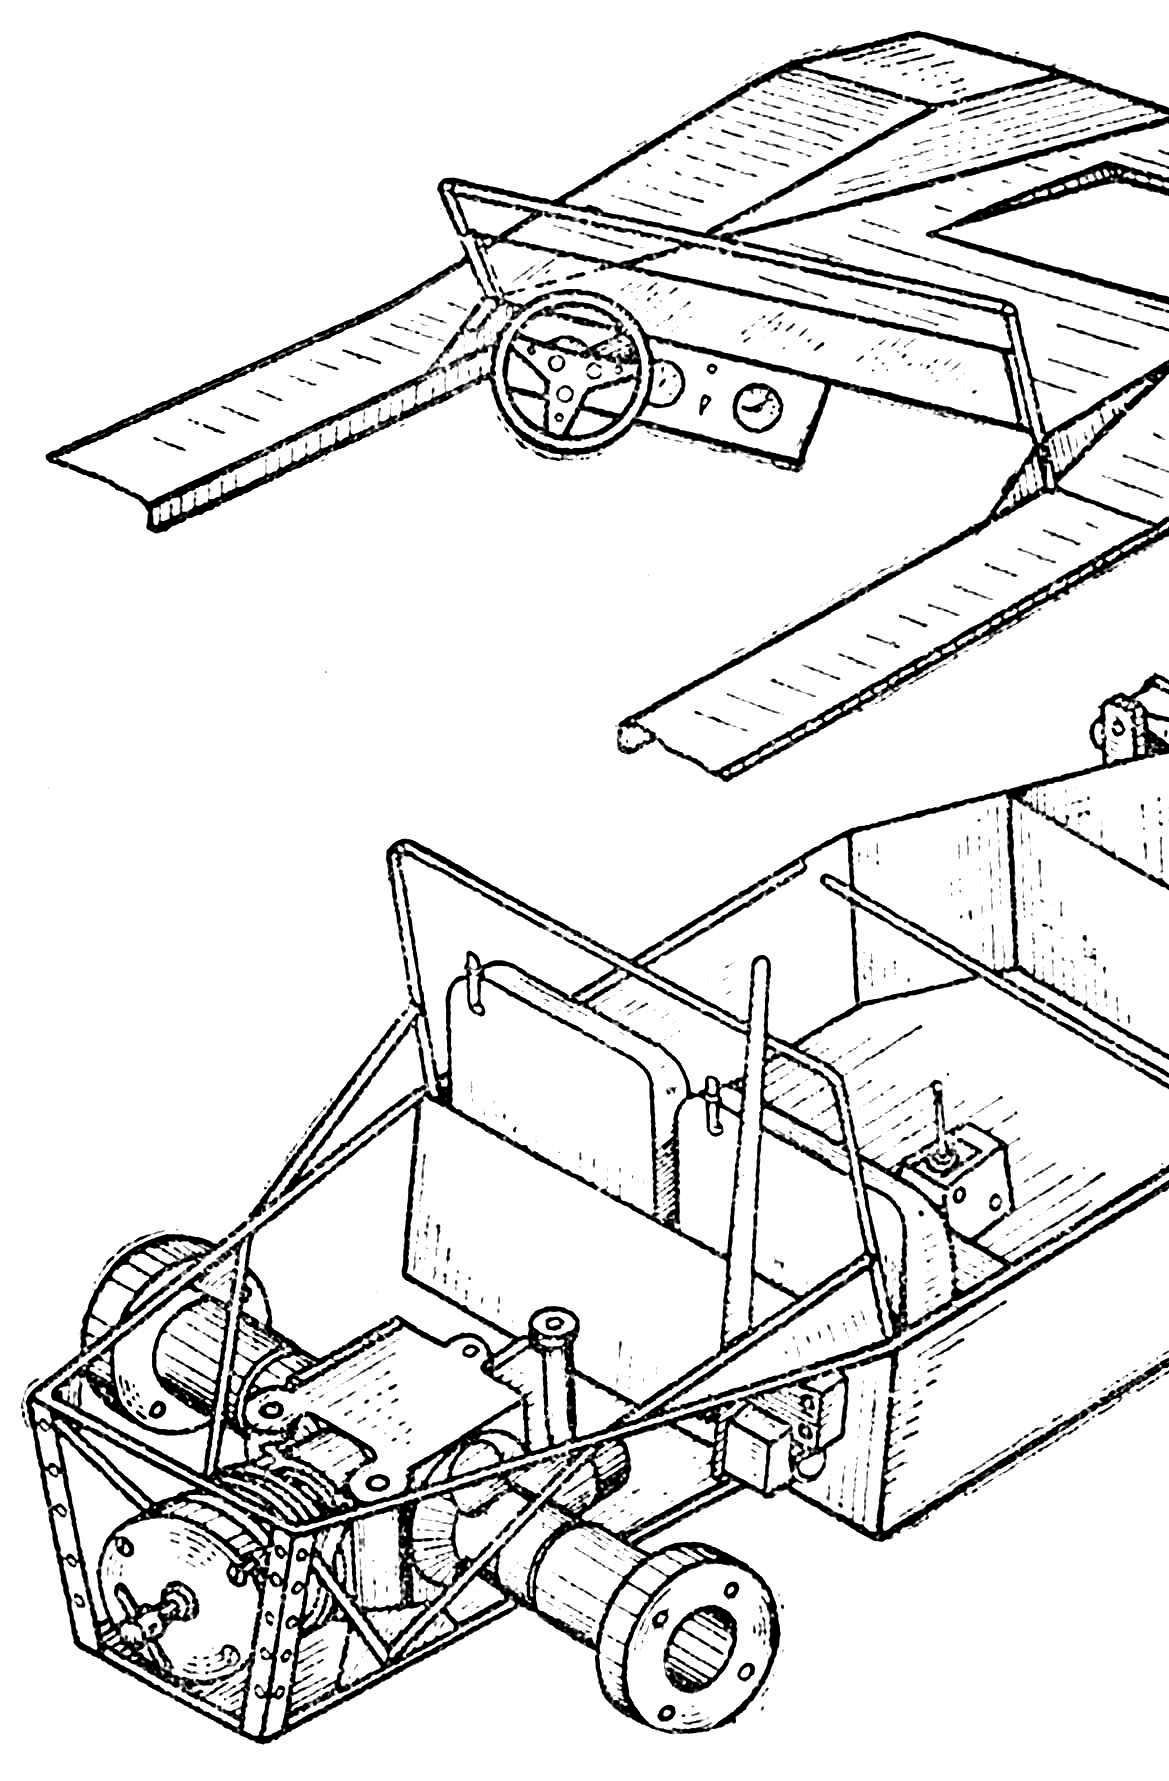 Компоновка узлов и некоторые наиболее сложные в изготовлении детали. 1 — балка переднего моста, Д-16Т, 2 — верхний рычаг подвески, Д-16Т, 3 — нижний рычаг подвески, то же, 4 — цапфа, то же.